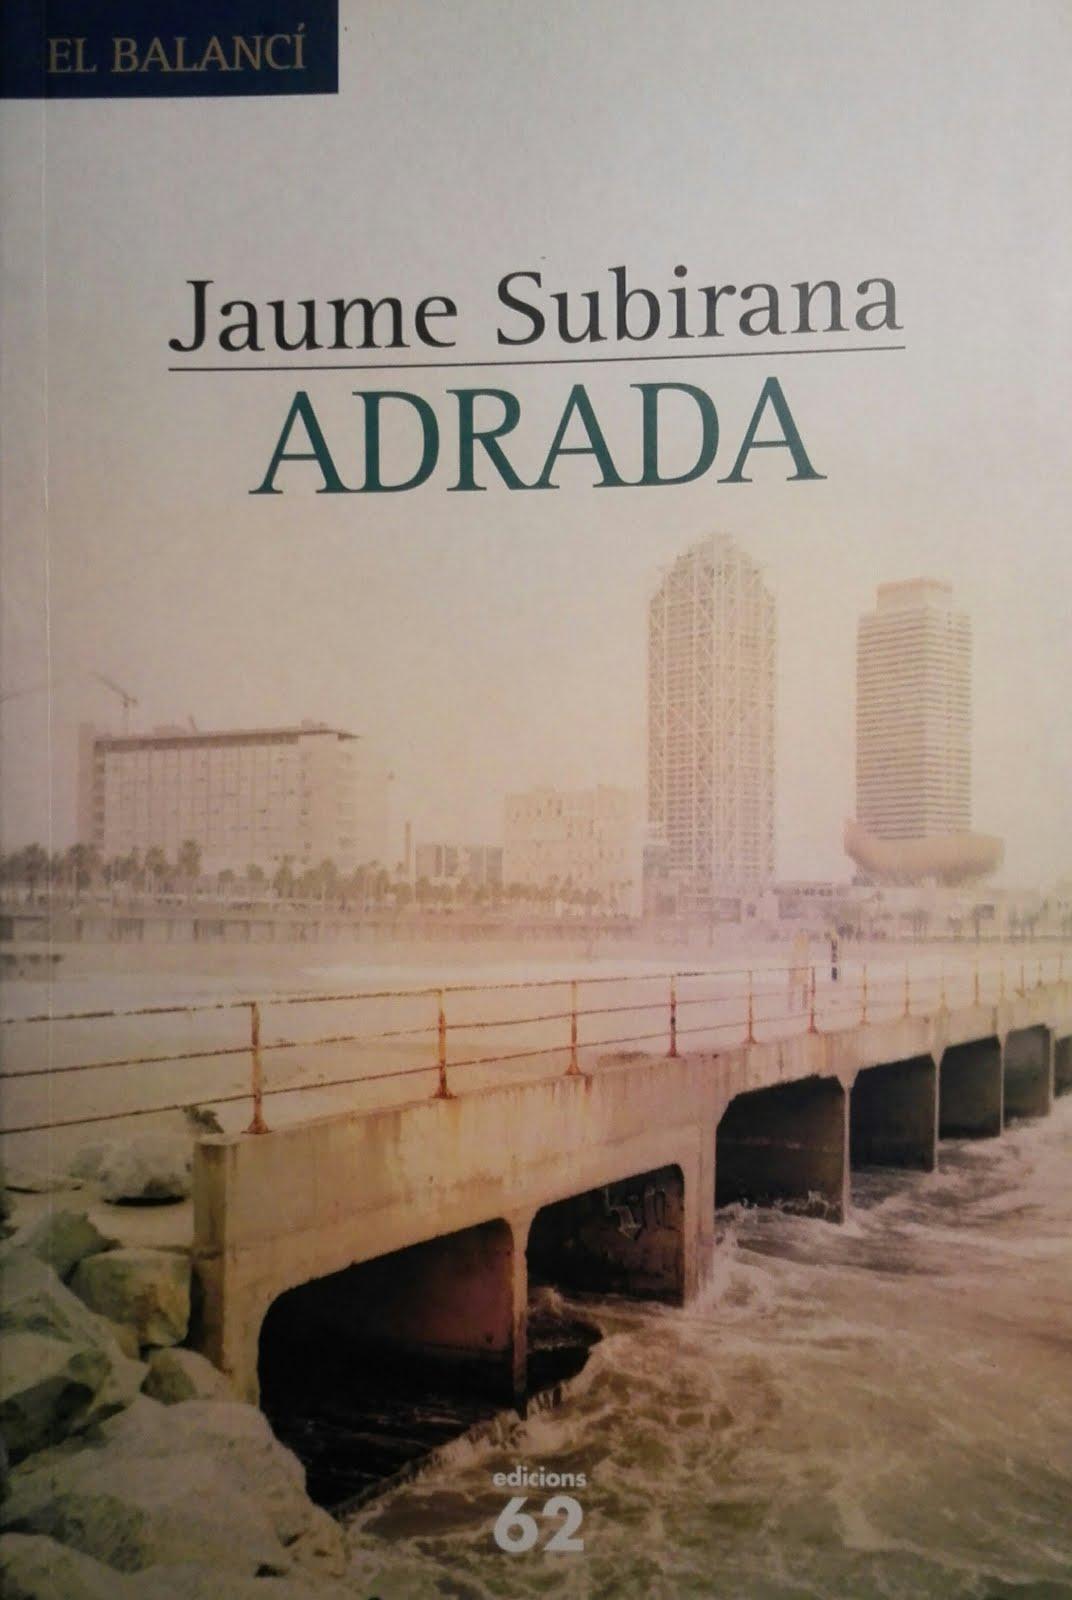 ADRADA